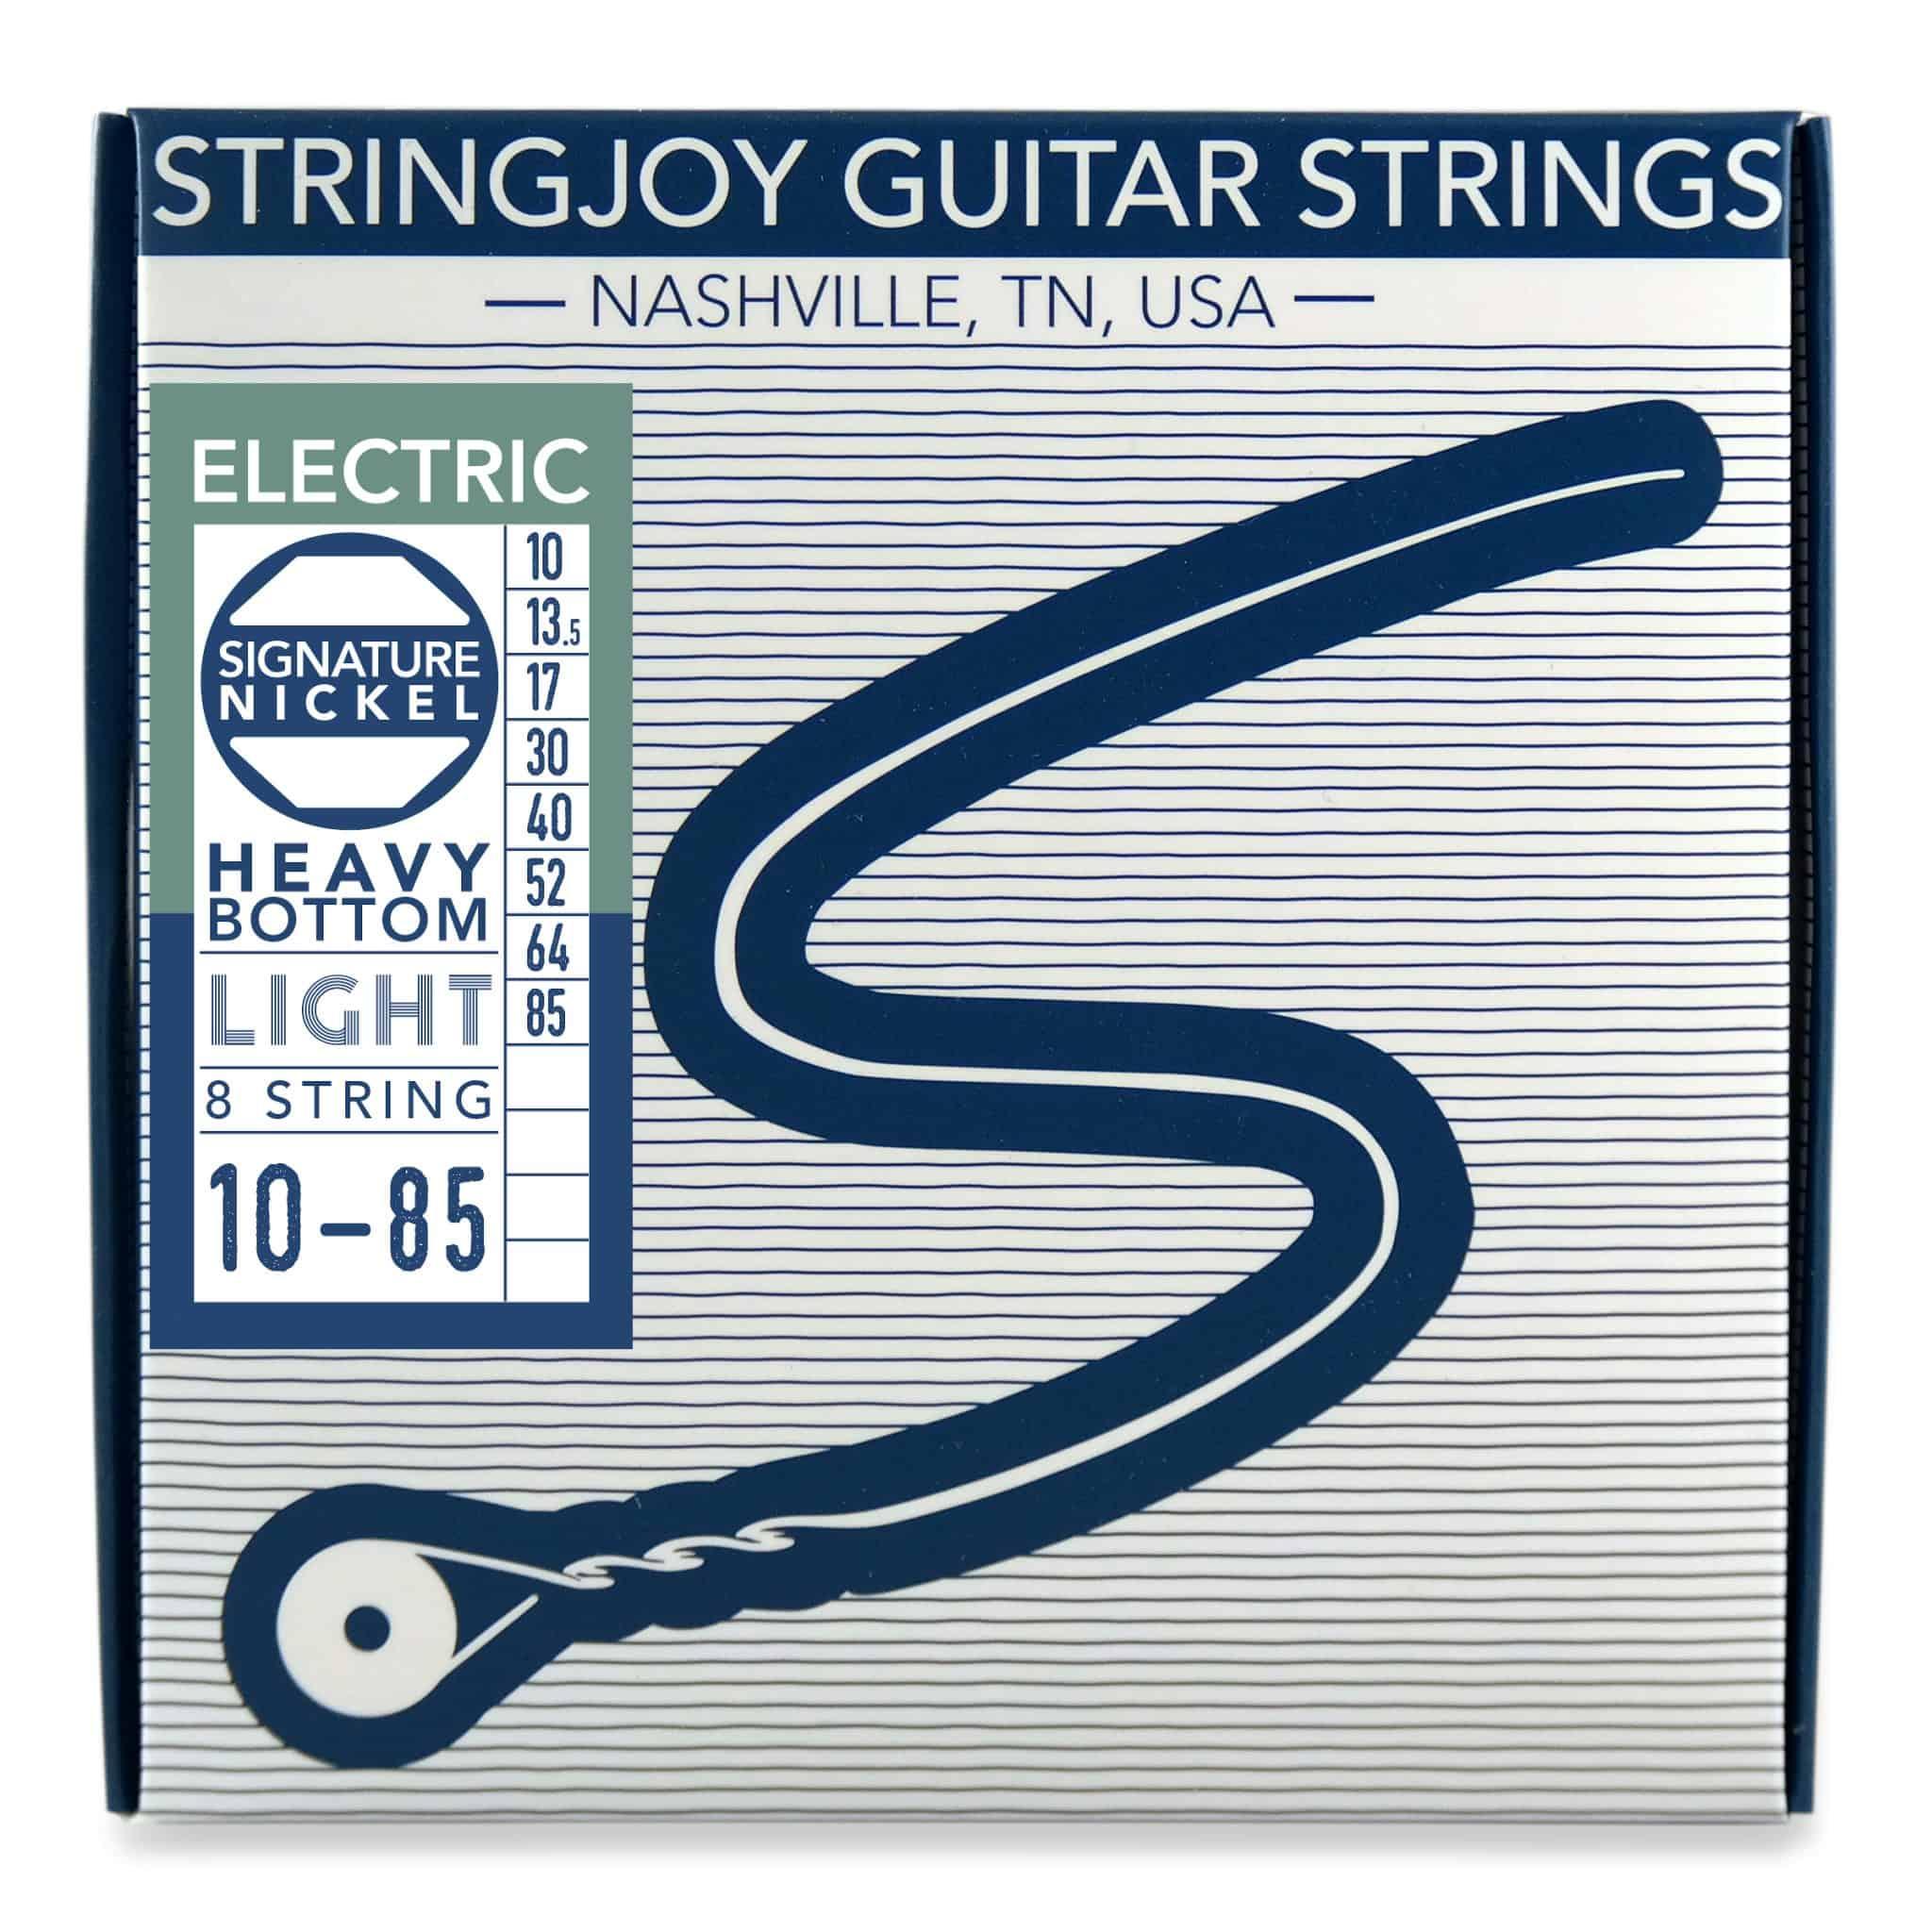 stringjoy 8 string heavy bottom light gauge 10 85 nickel wound electric guitar strings. Black Bedroom Furniture Sets. Home Design Ideas